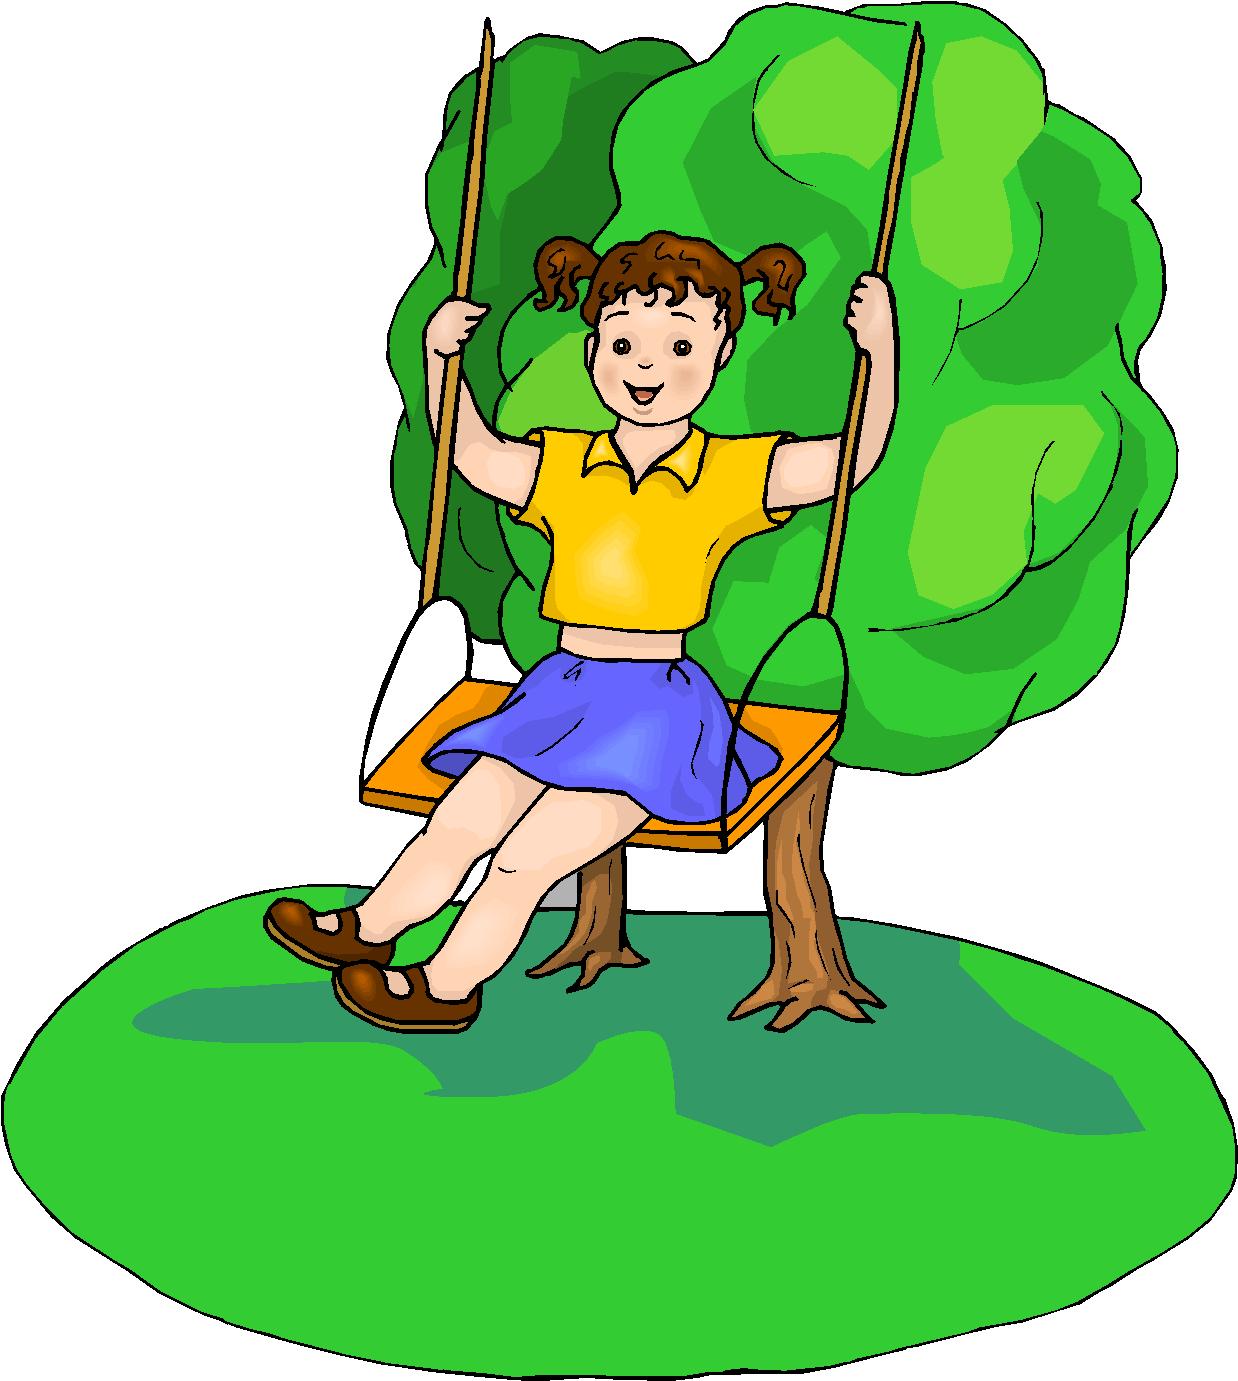 Girl Clipart | Clipart Panda - Free Clipart Images | Little girl cartoon,  Girl cartoon, Clip art